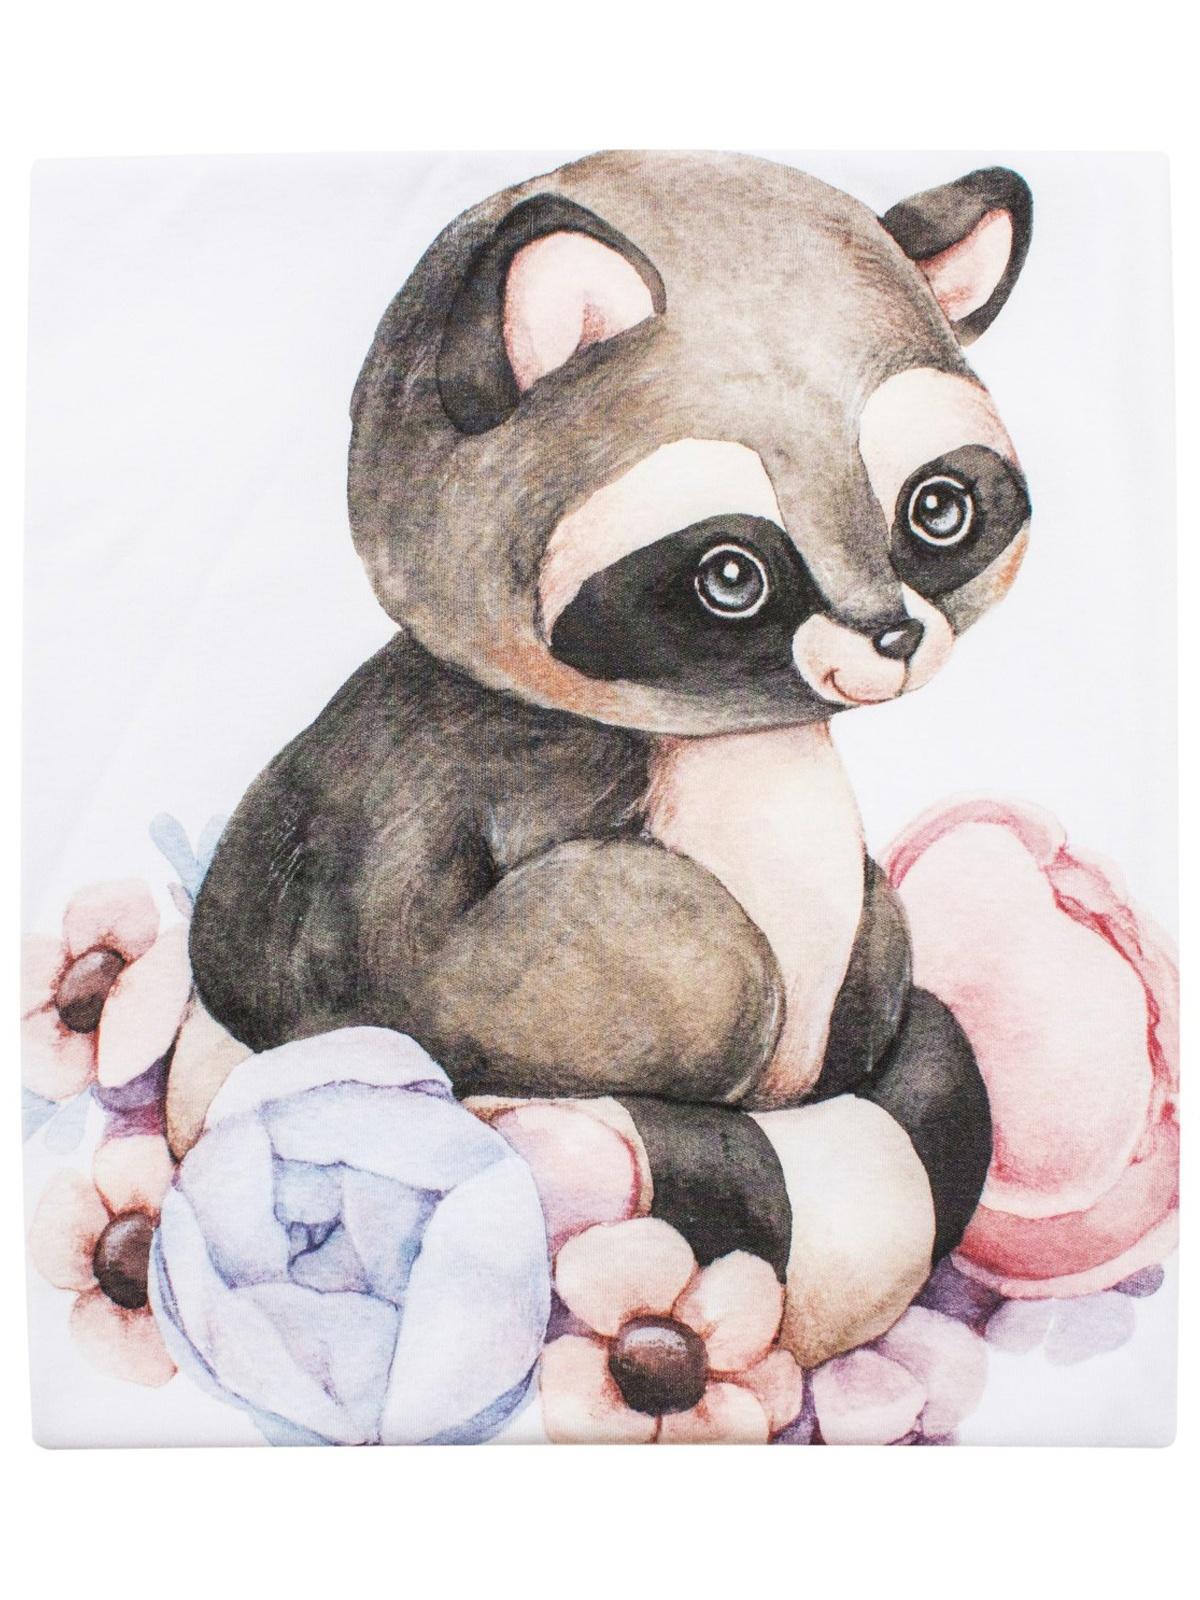 Пеленка текстильная Luxury Baby Трикотажная пеленка